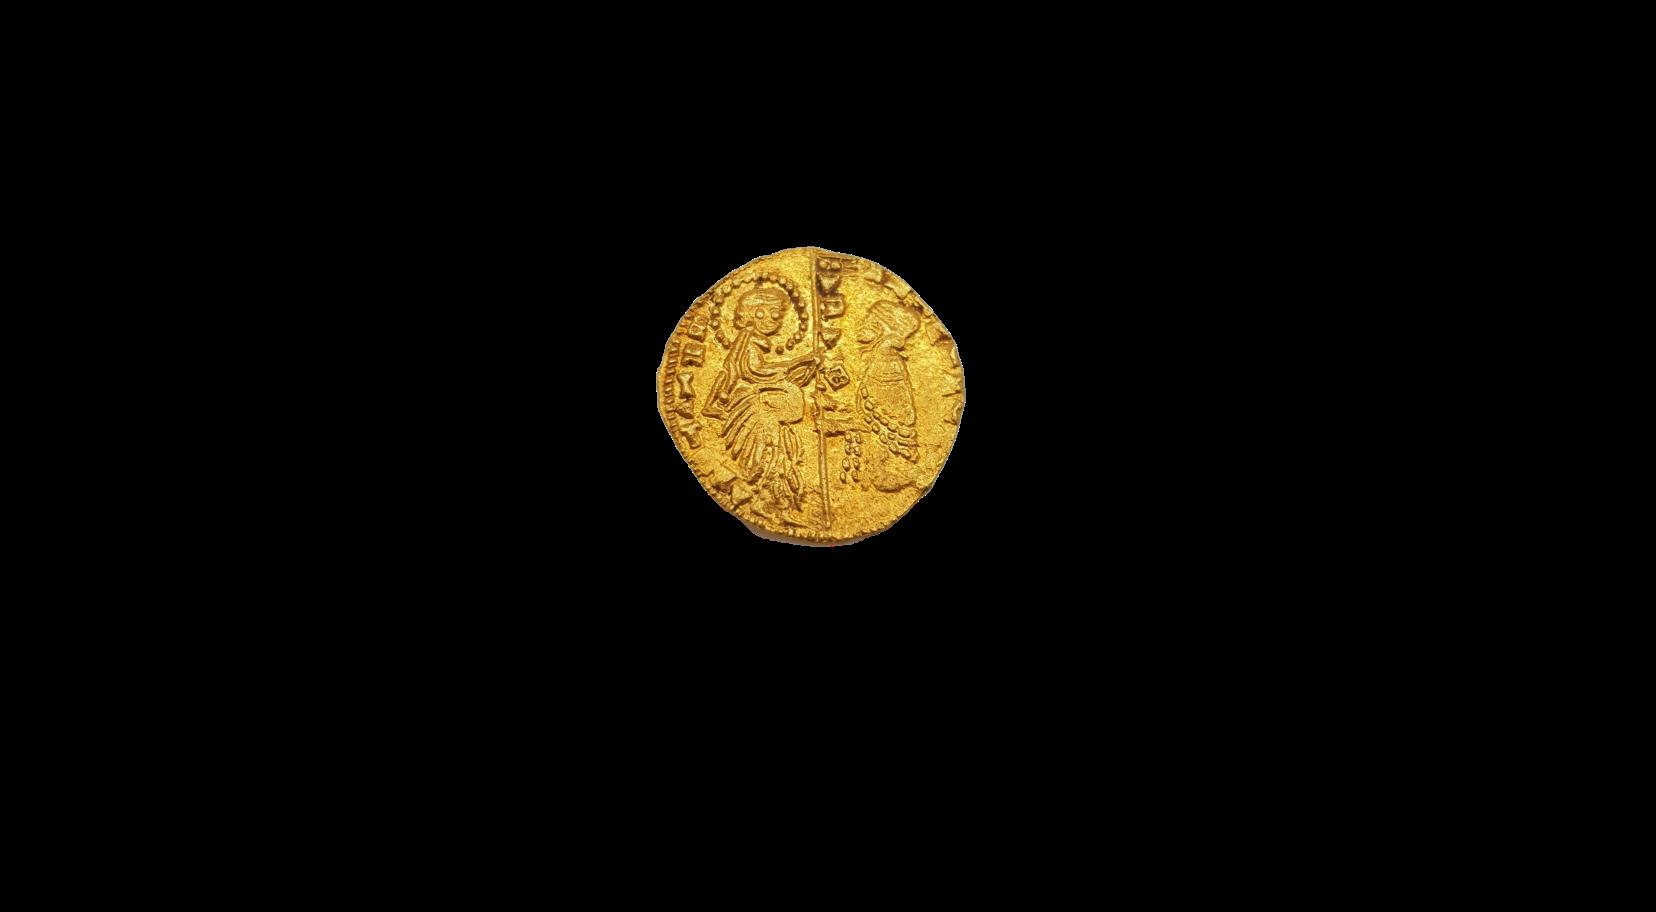 italienische Zechine Goldmünze Italien Venedig ohne Jahr italienische Dukat